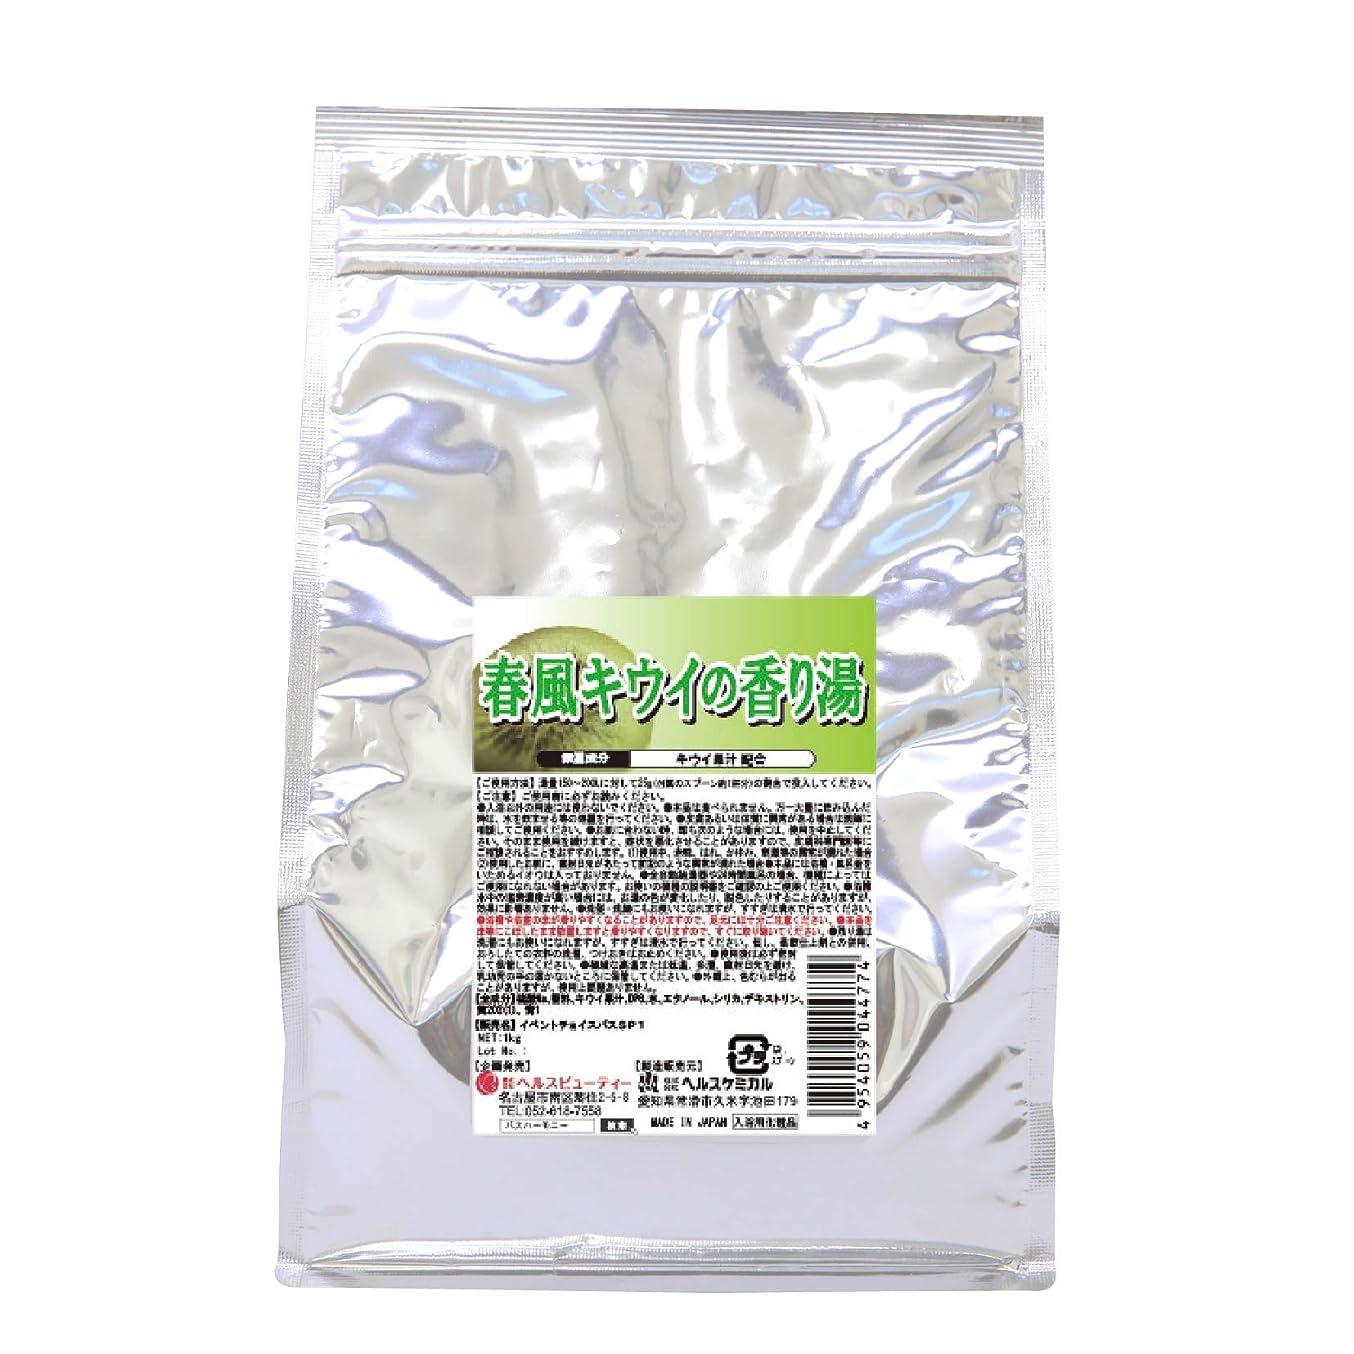 手がかり法律によりスクレーパー入浴剤 湯匠仕込 春風キウイの香り湯 1kg 50回分 お徳用